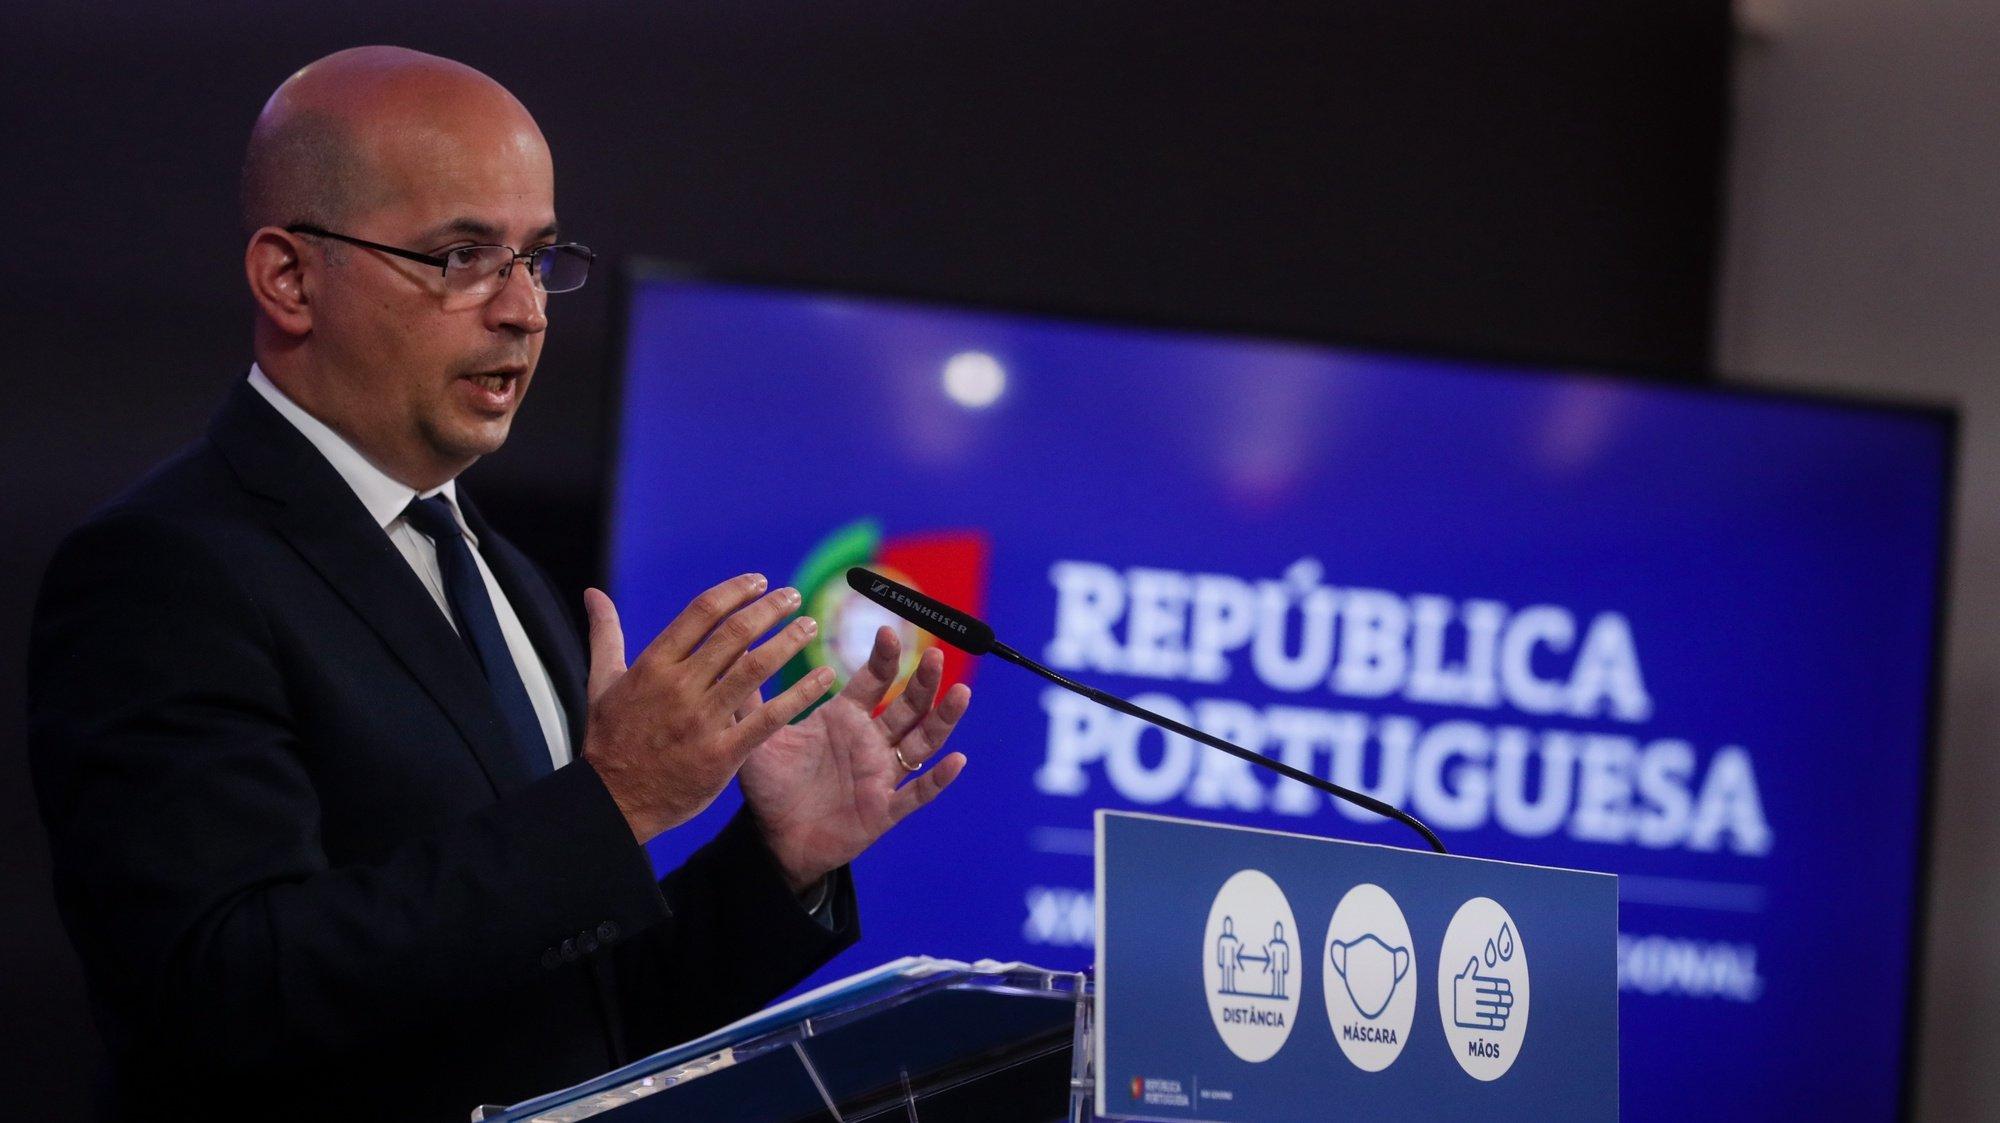 O ministro de Estado e das Finanças, João Leão, durante uma declaração sobre o Programa de Estabilidade 2021-2025, após a aprovação em Conselho de Ministros, no Centro Cultural de Belém, em Lisboa, 15 de abril de 2021. TIAGO PETINGA/LUSA